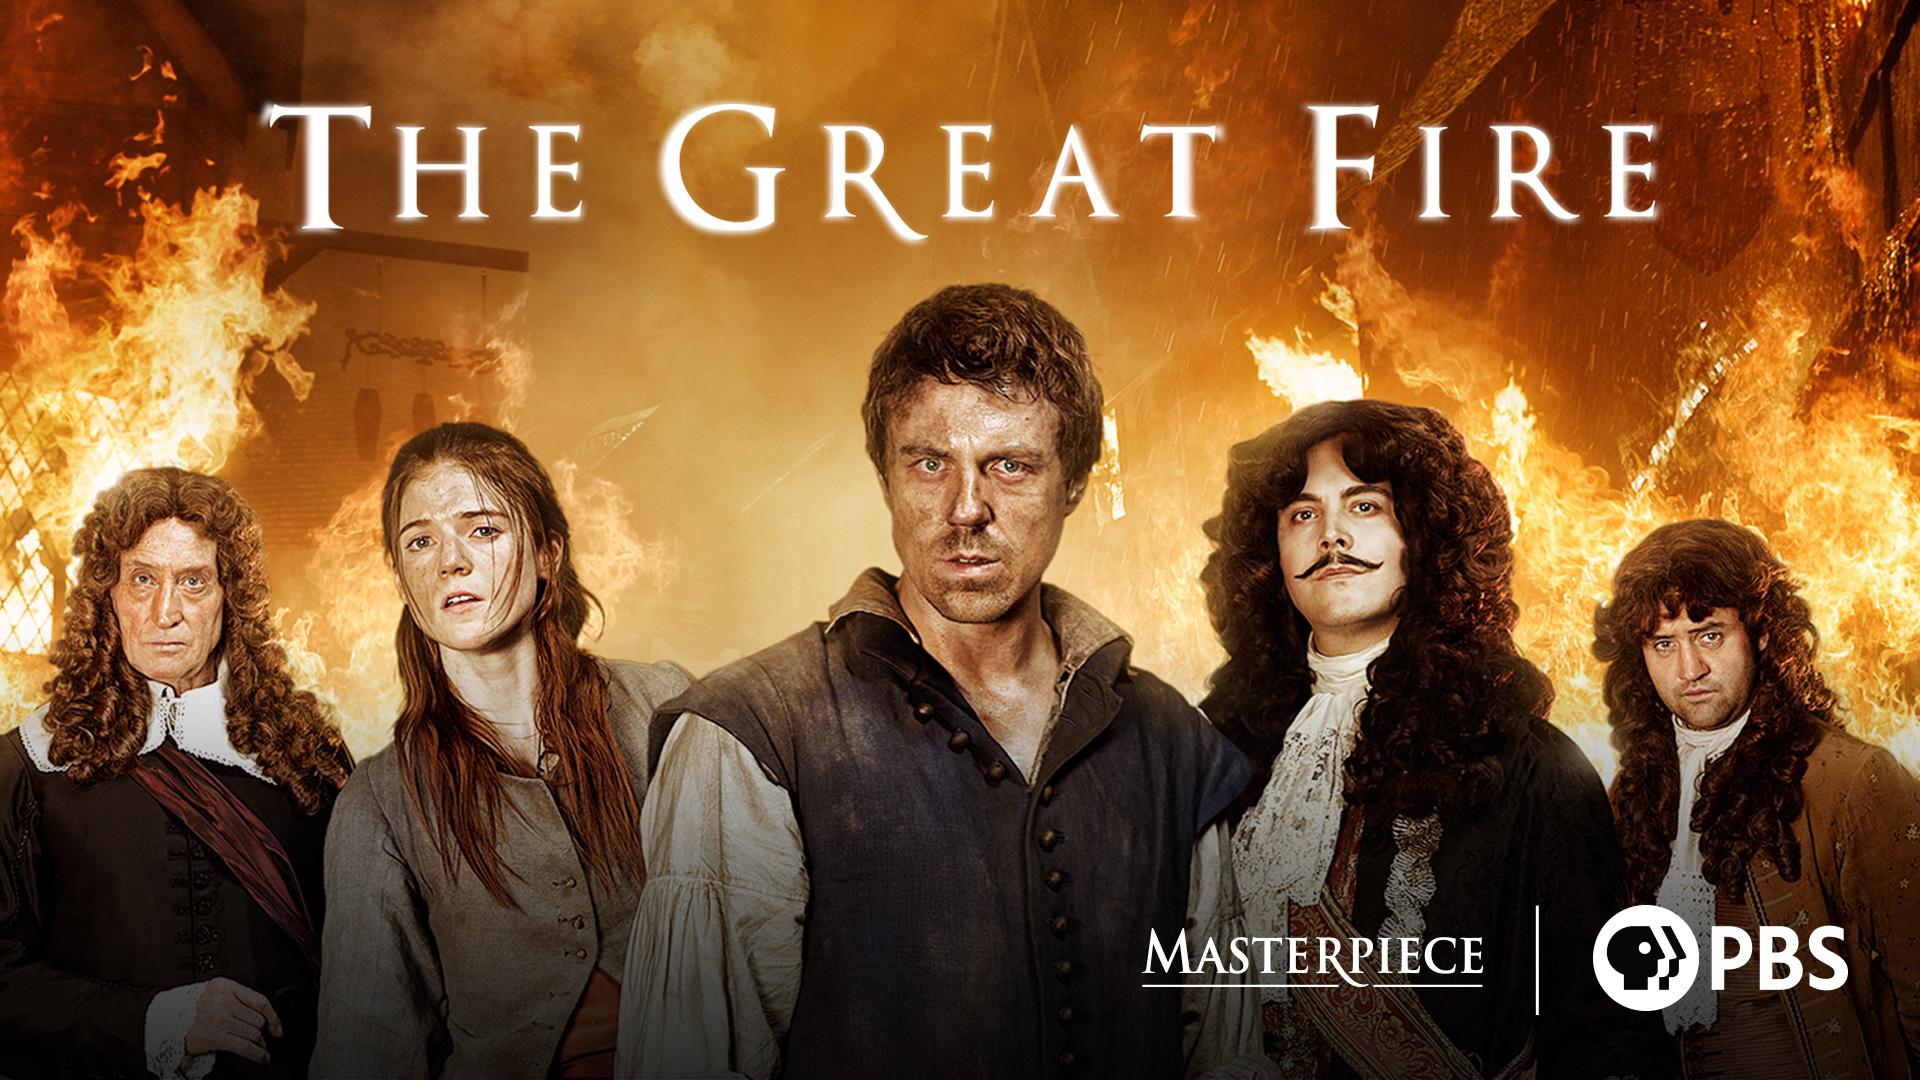 The Great Fire Season 1